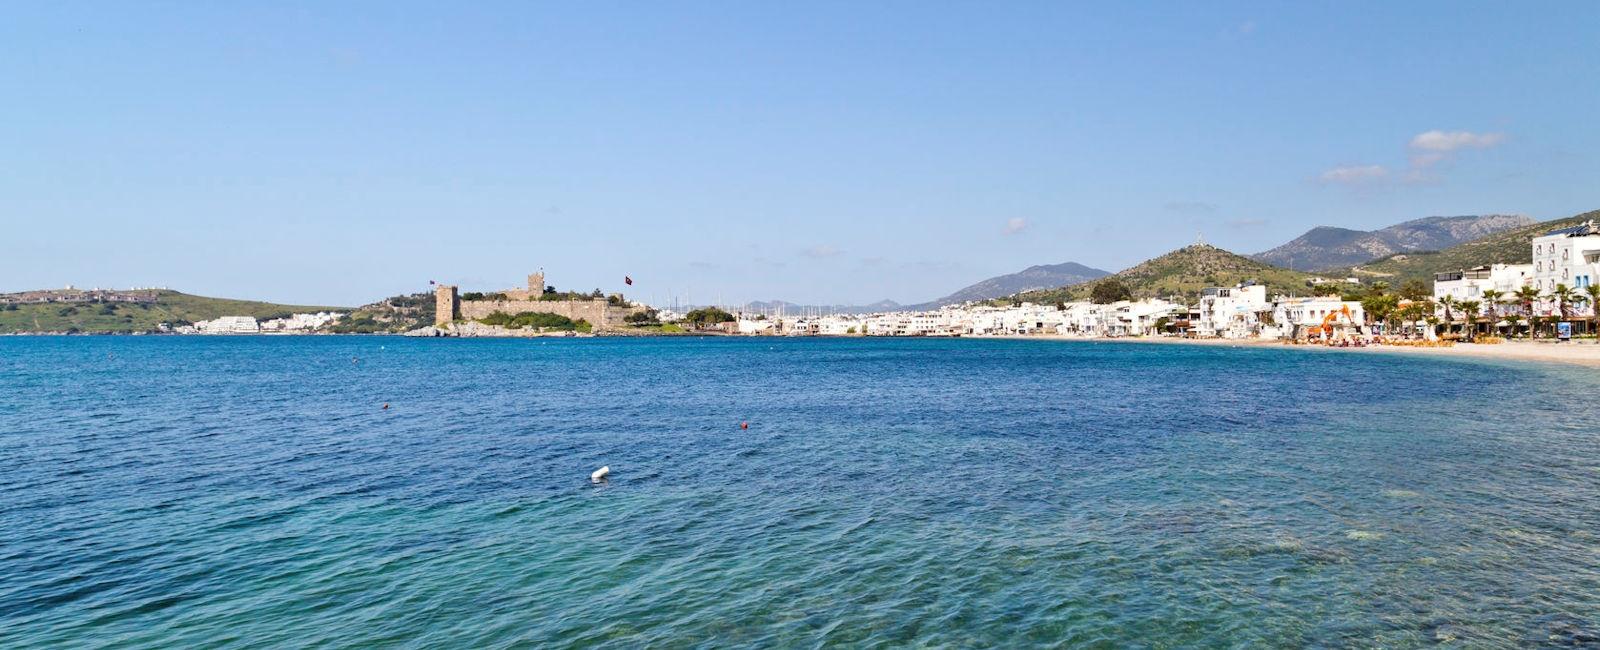 Luxury Aegean Coast Holidays